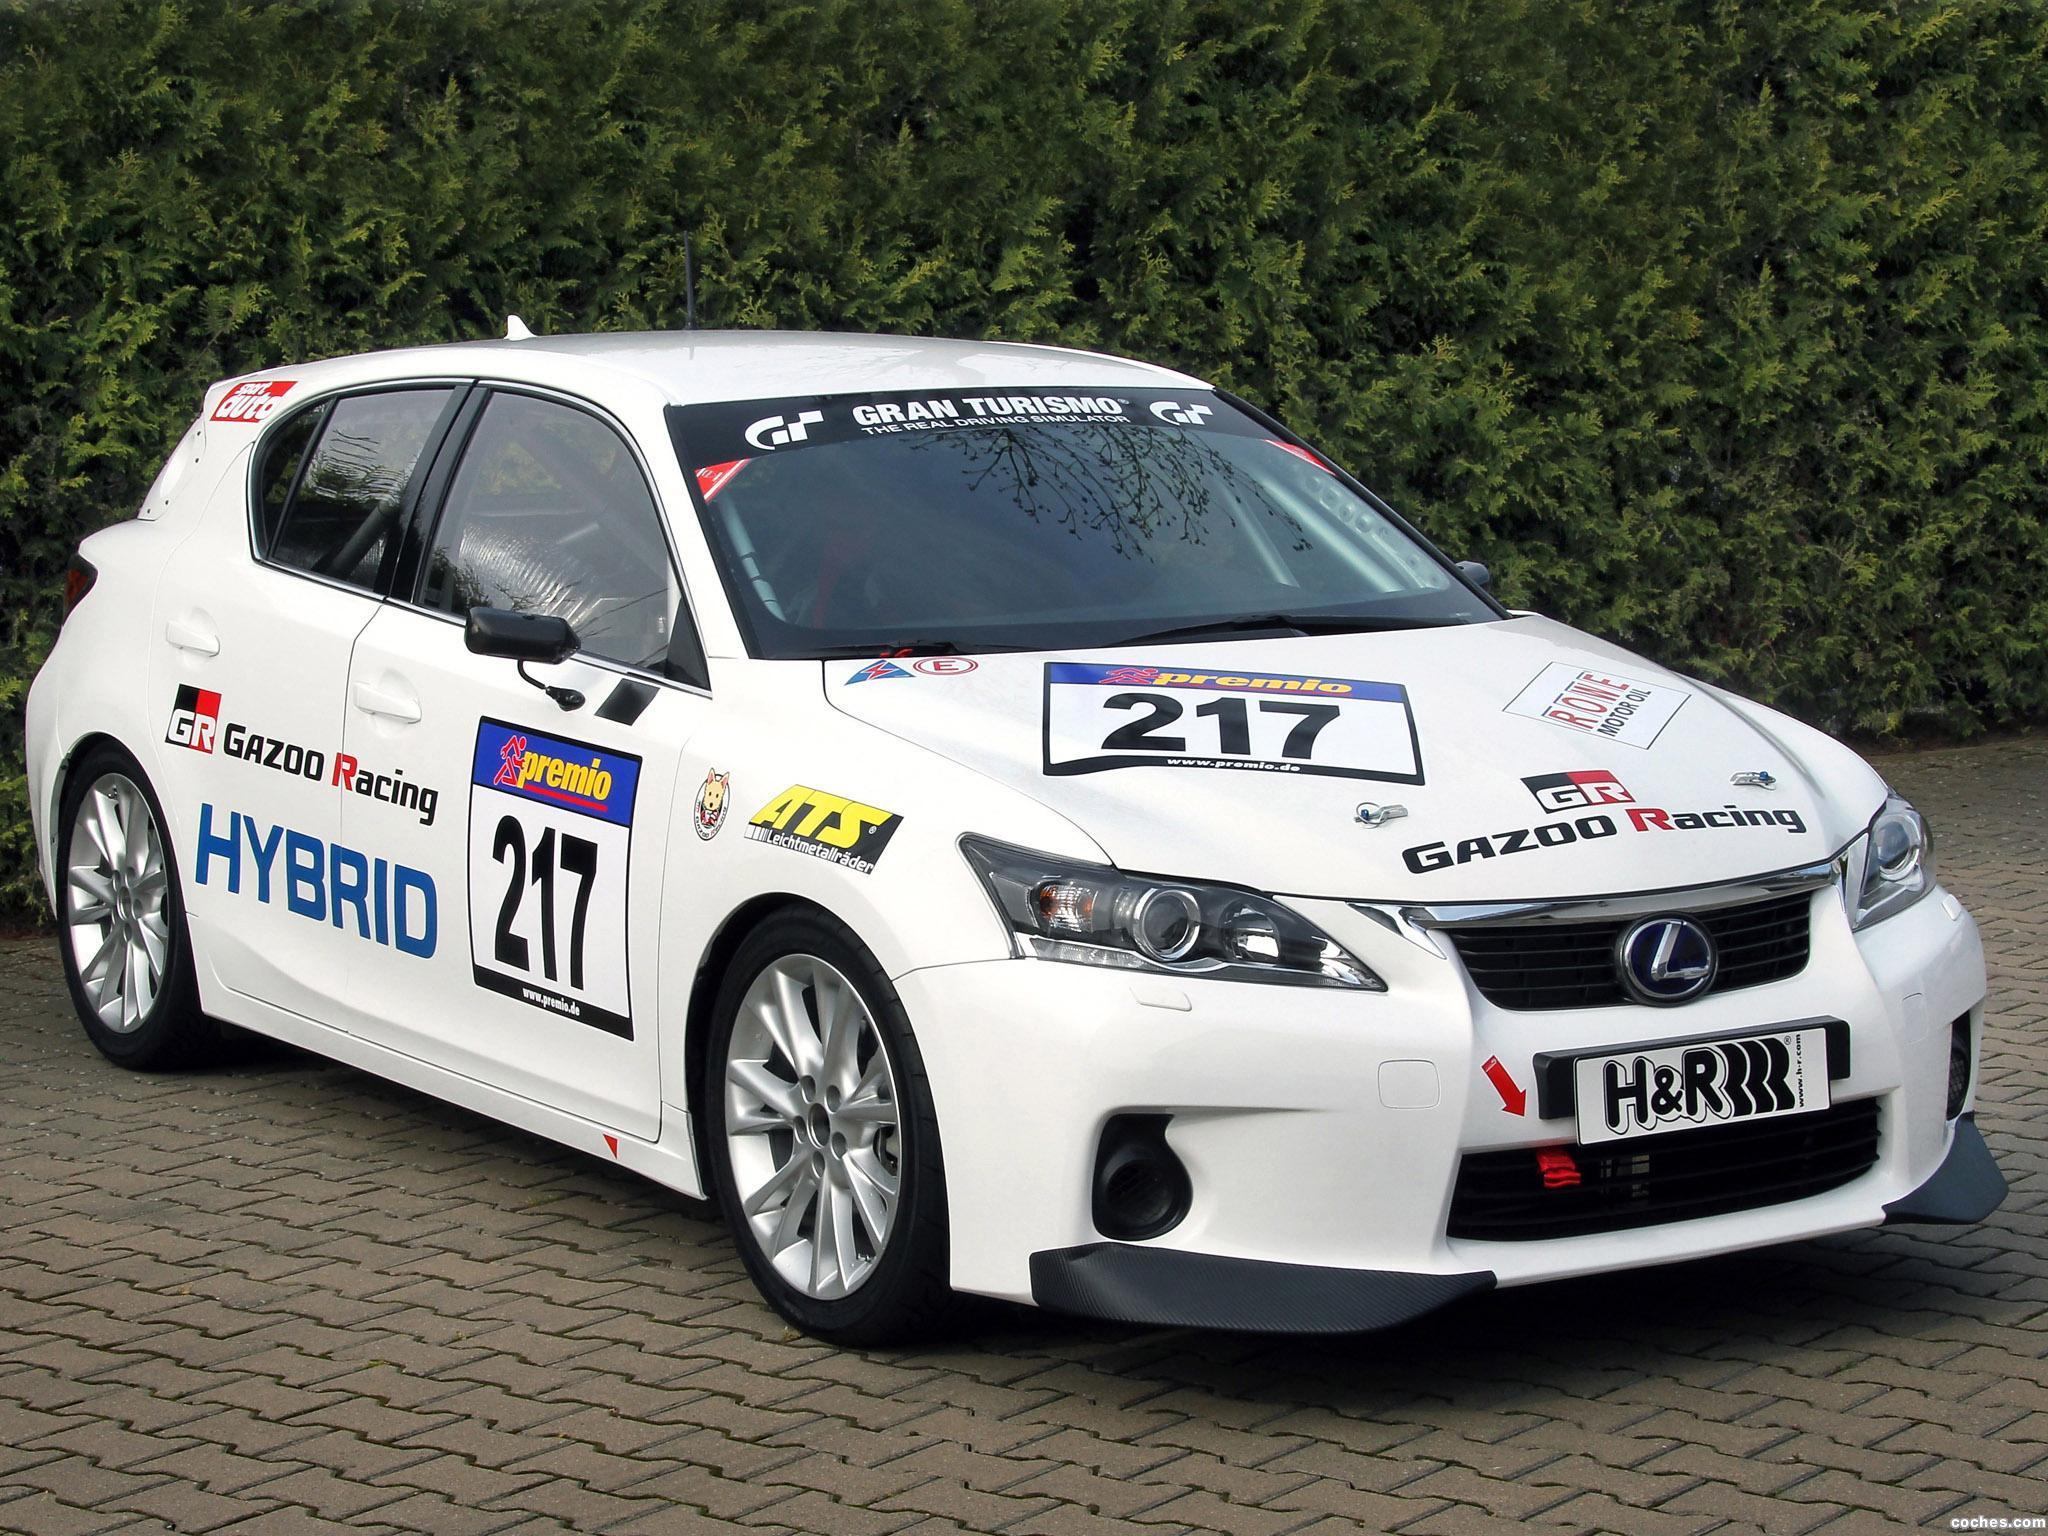 Foto 0 de Lexus CT 200h Gazoo Racing 2011